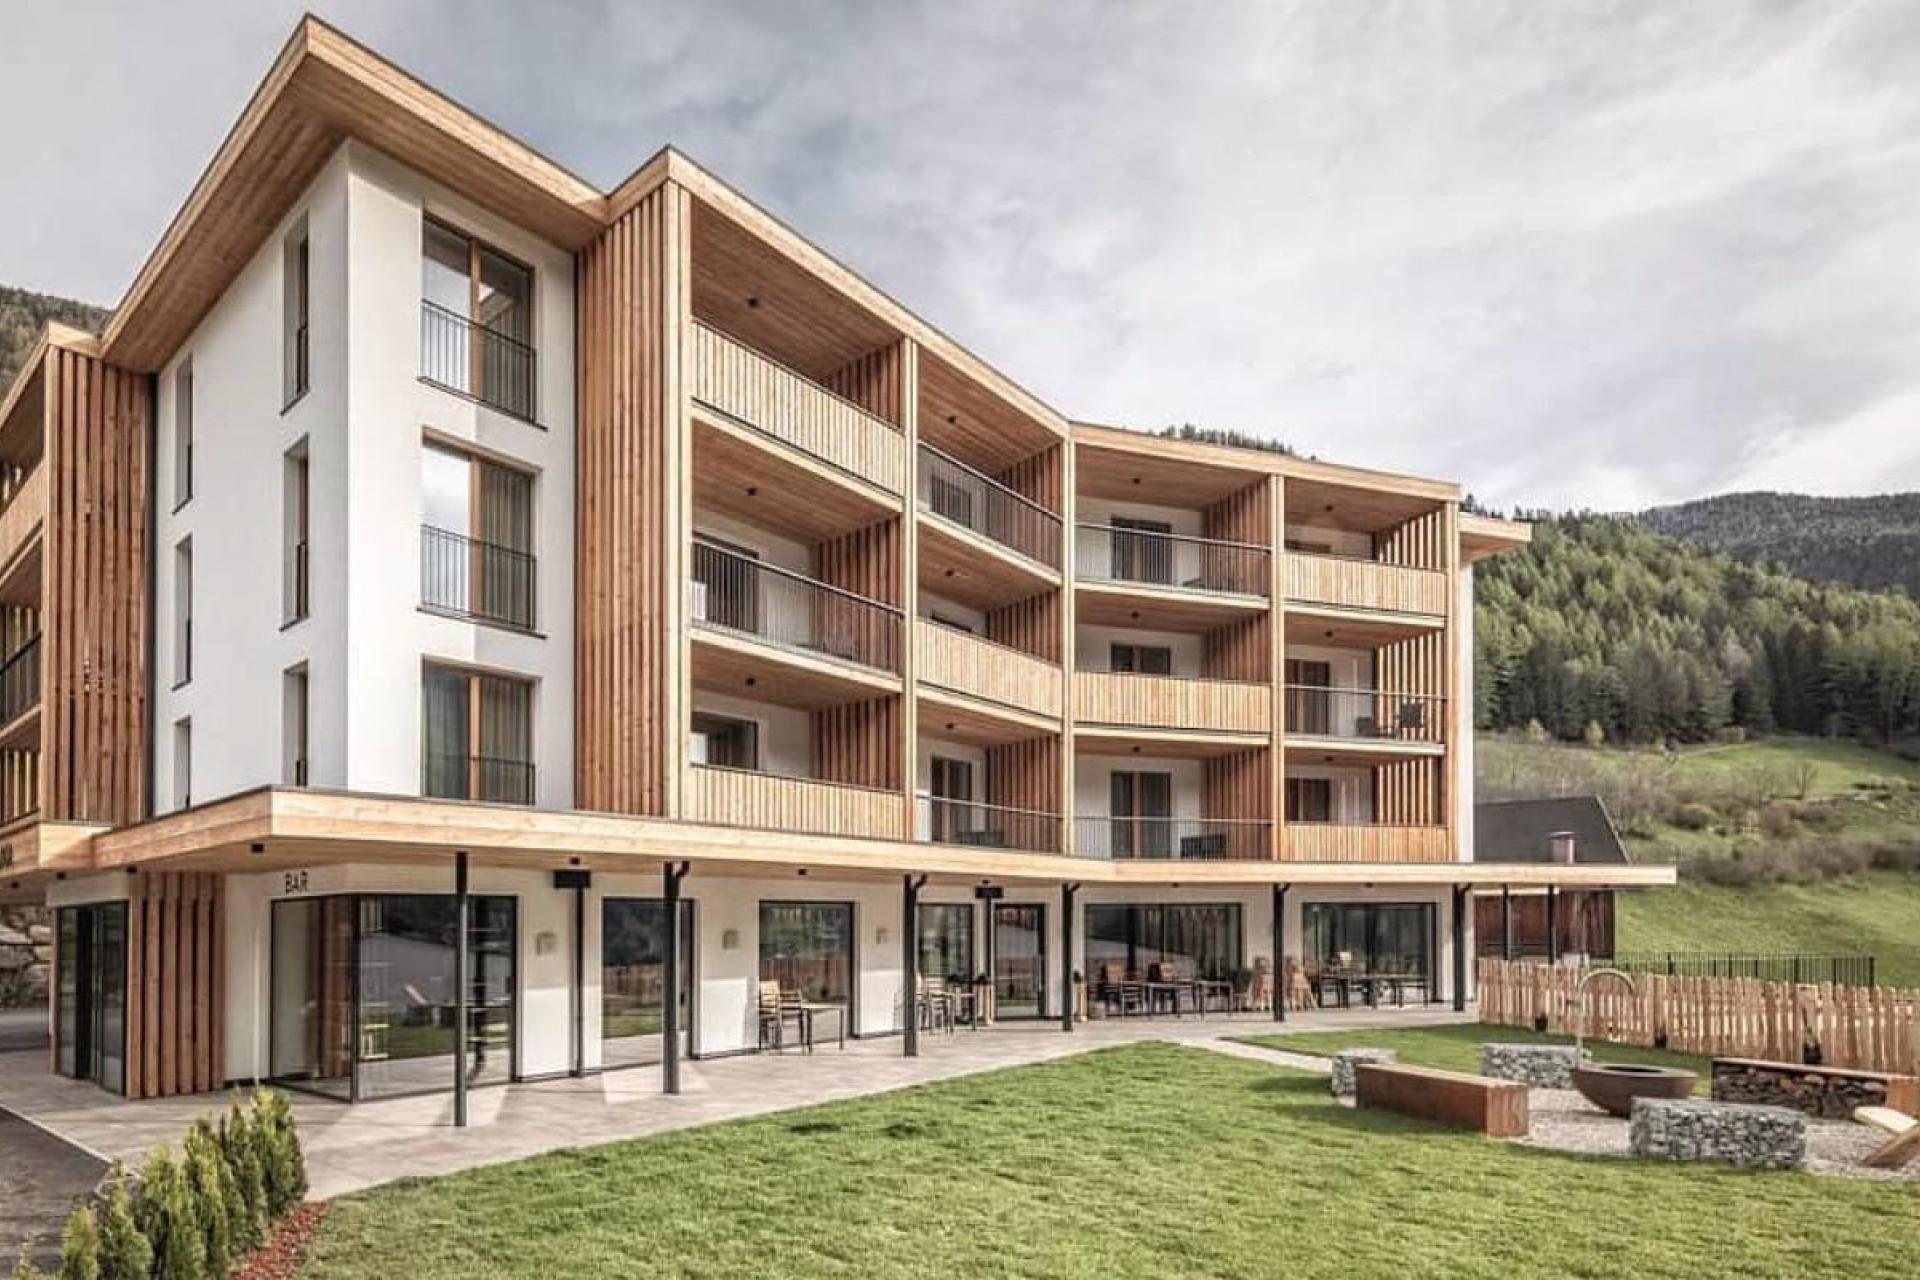 Agriturismo Dolomiten Luxus-Agriturismo in den Dolomiten mit Spa und Bistro